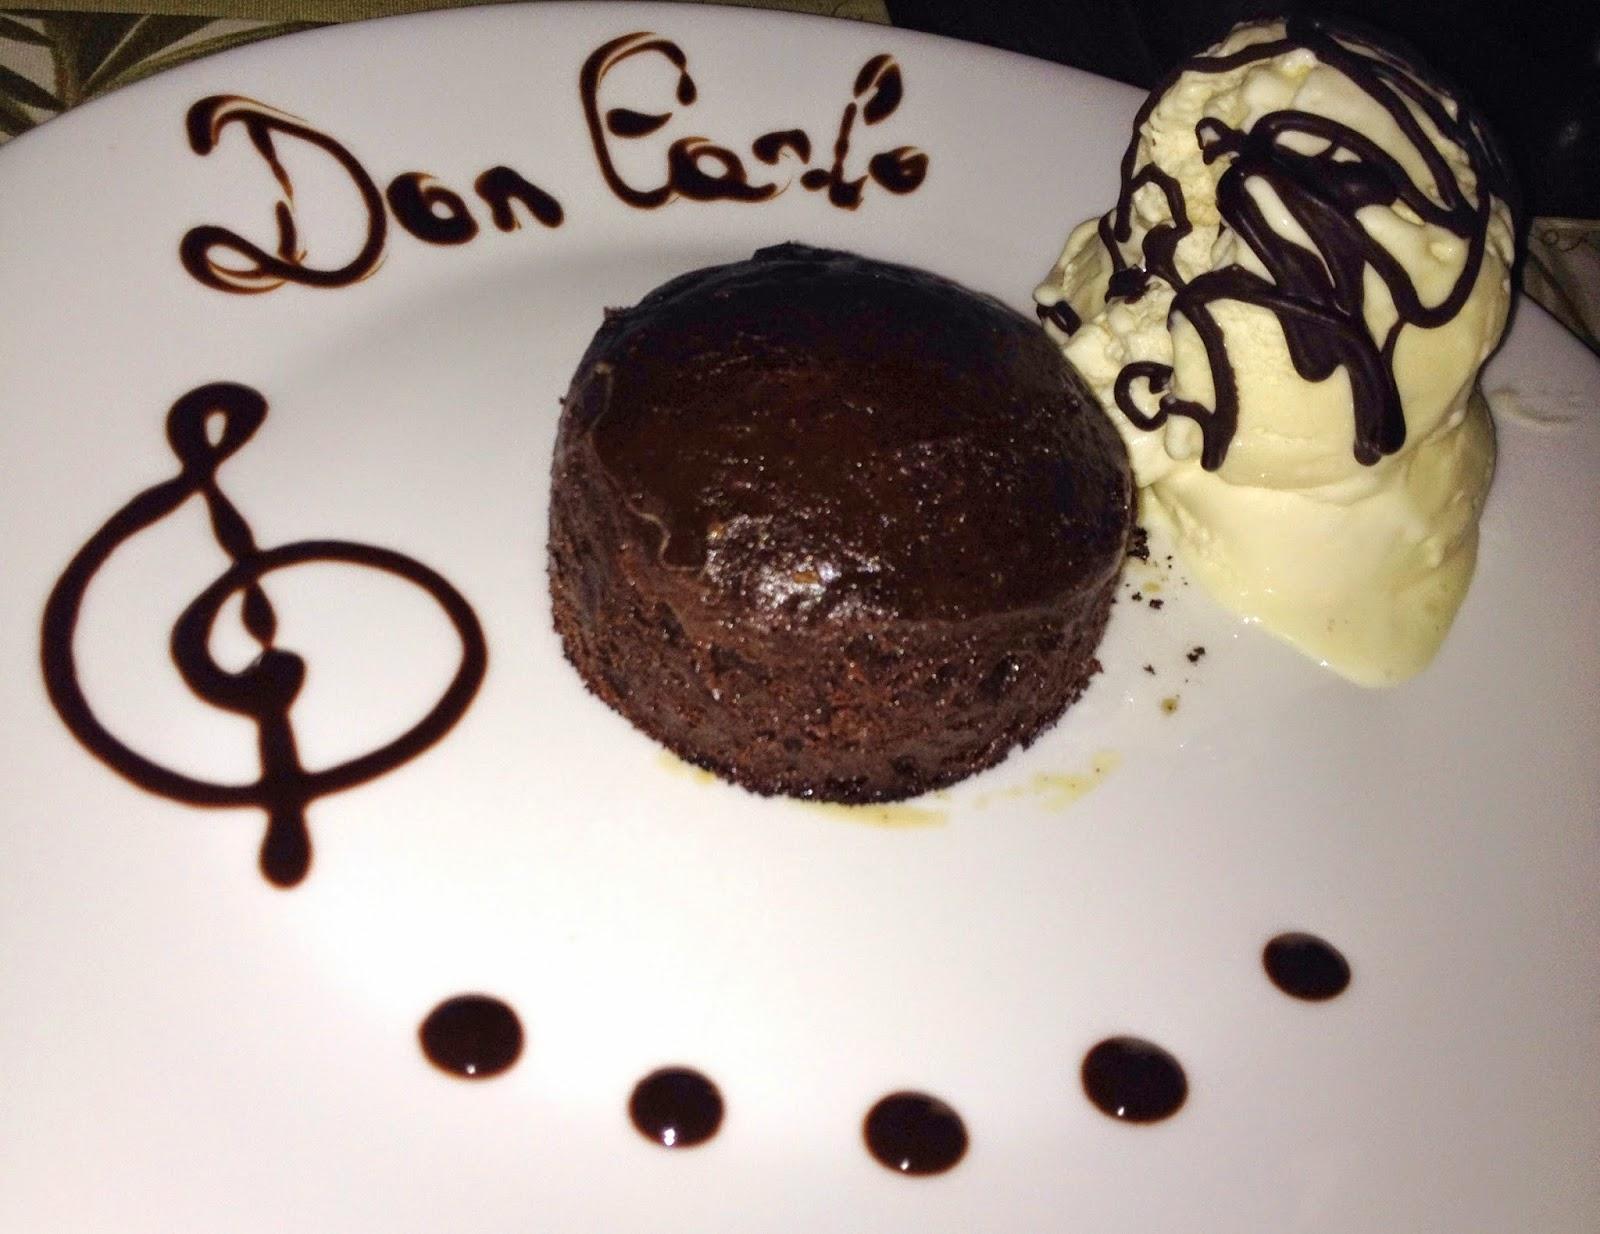 Restaurante Don Carlo la Pizzeria - Vila Rica - Pampulha